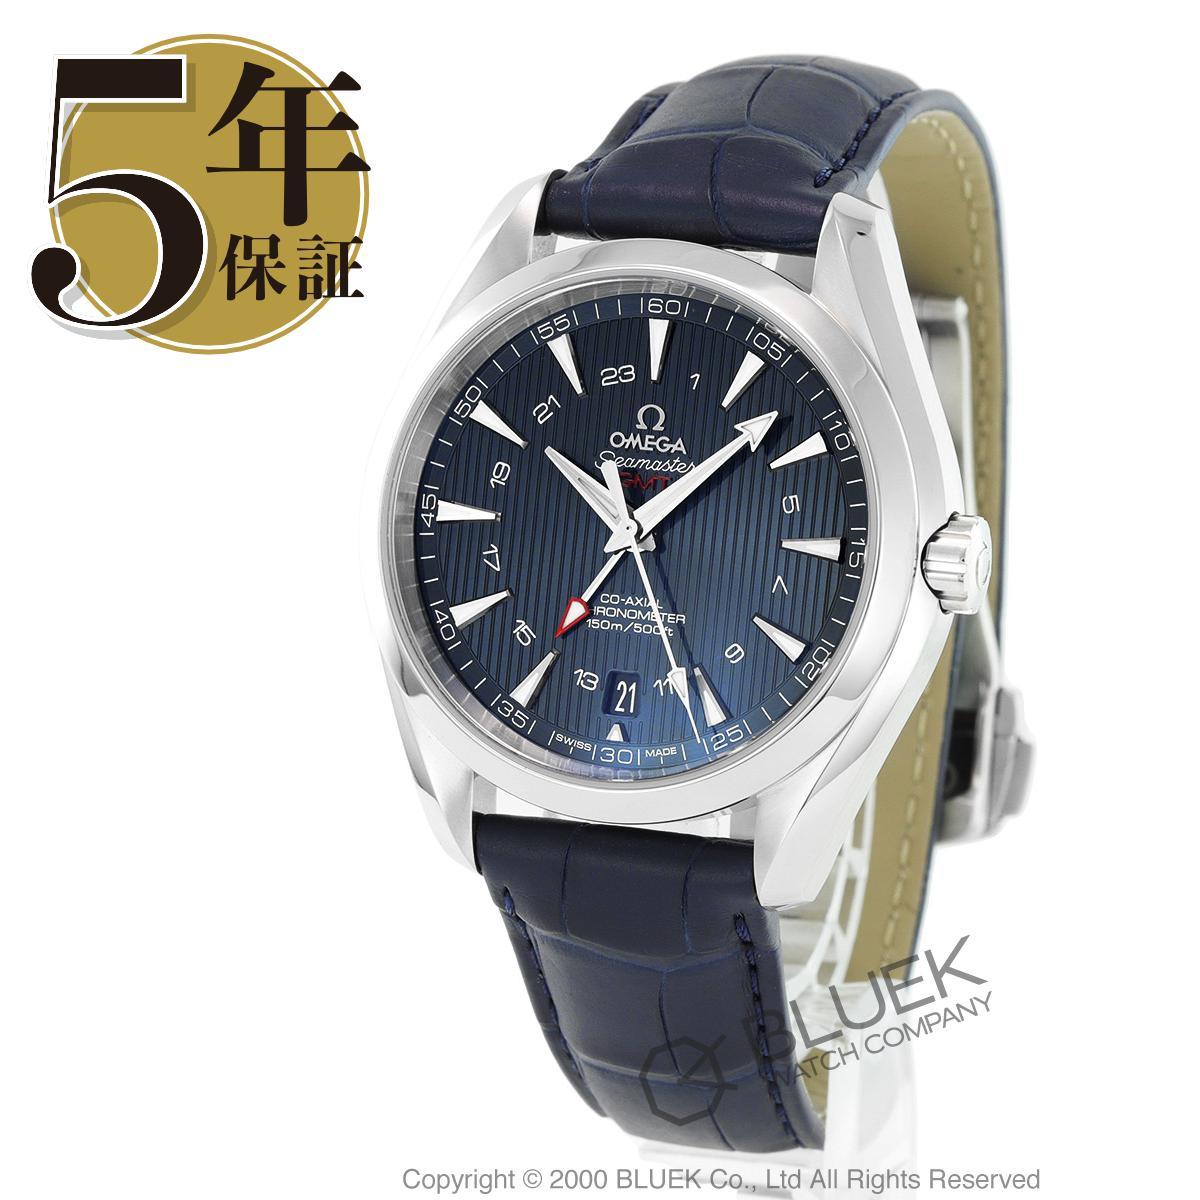 オメガ シーマスター アクアテラ GMT アリゲーターレザー 腕時計 メンズ OMEGA 231.13.43.22.03.001_5